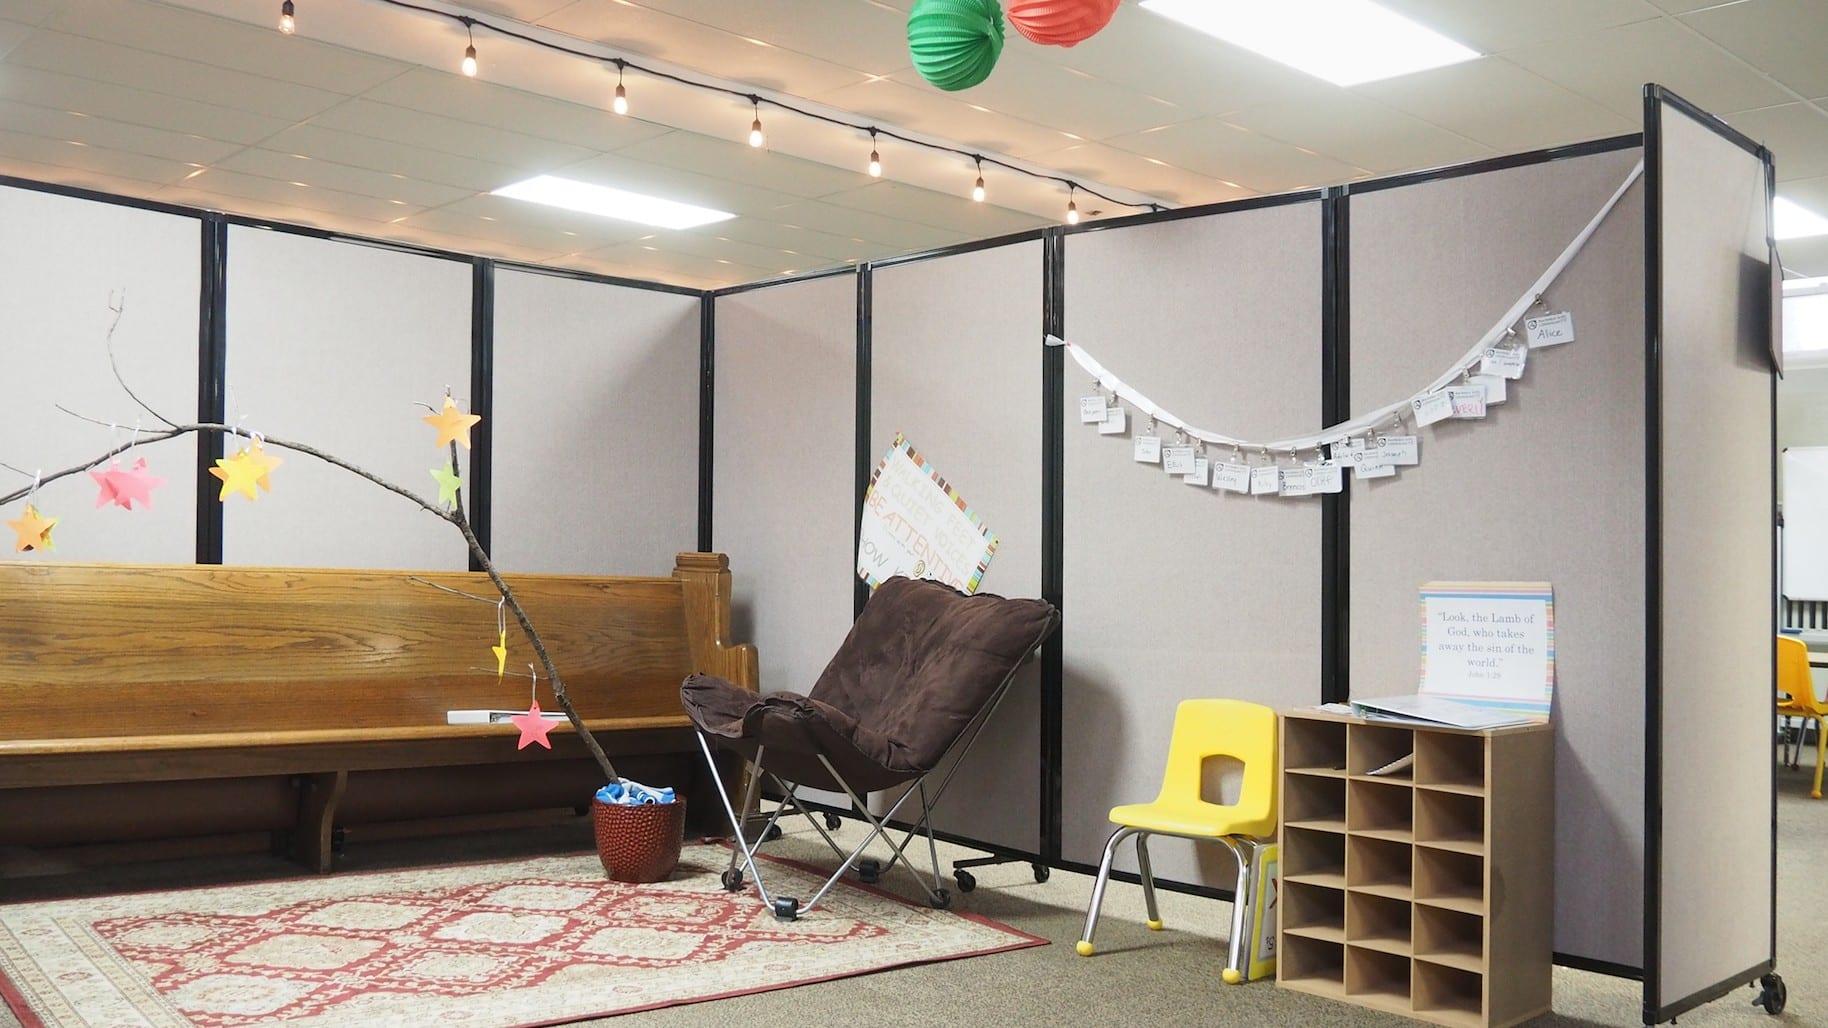 Win a custom room divider